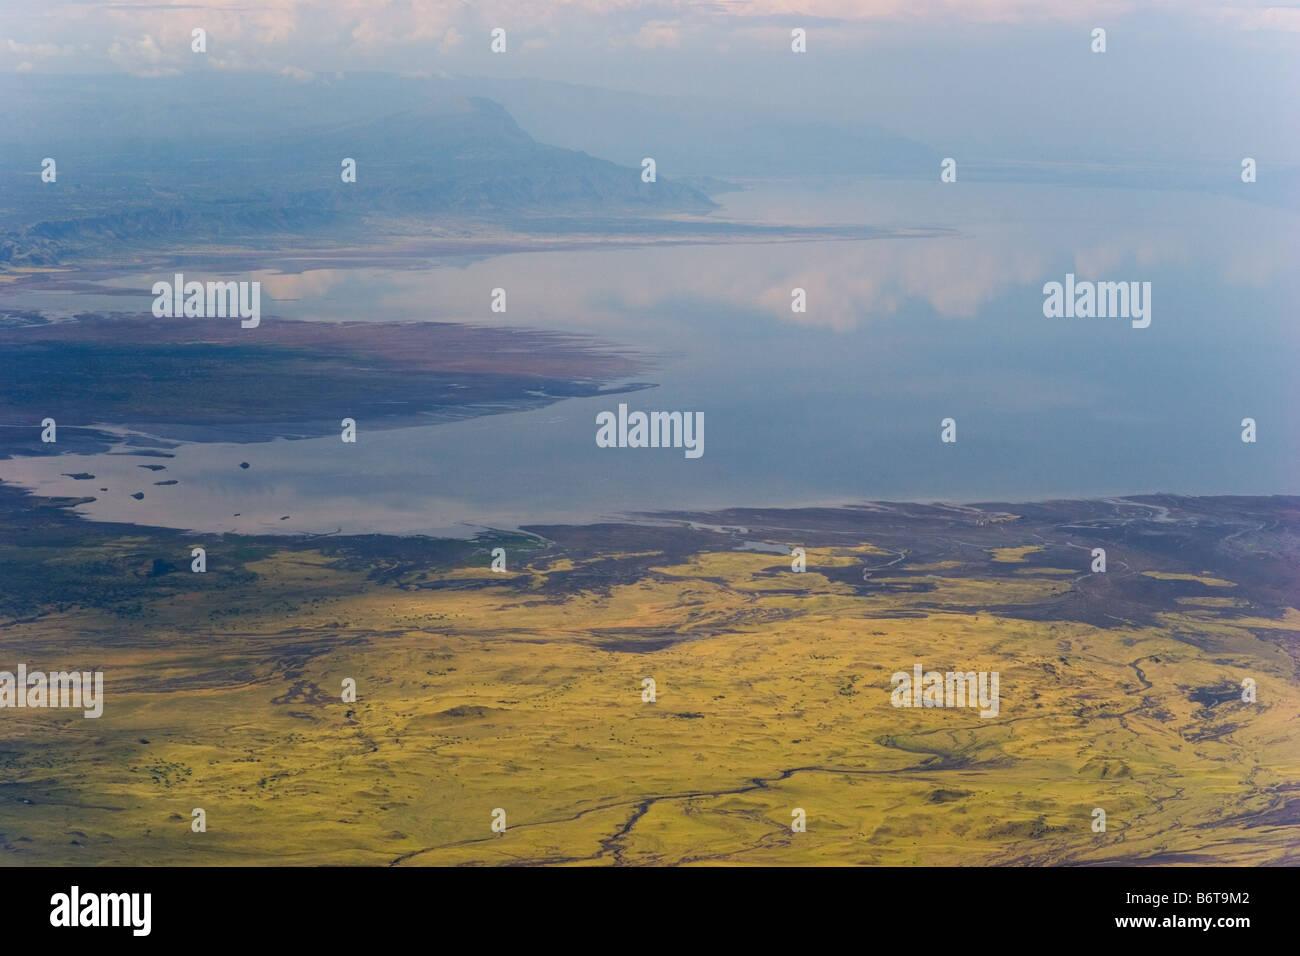 View onto Lake Natron soda lake in the Rift Valley of Tanzania Stock Photo